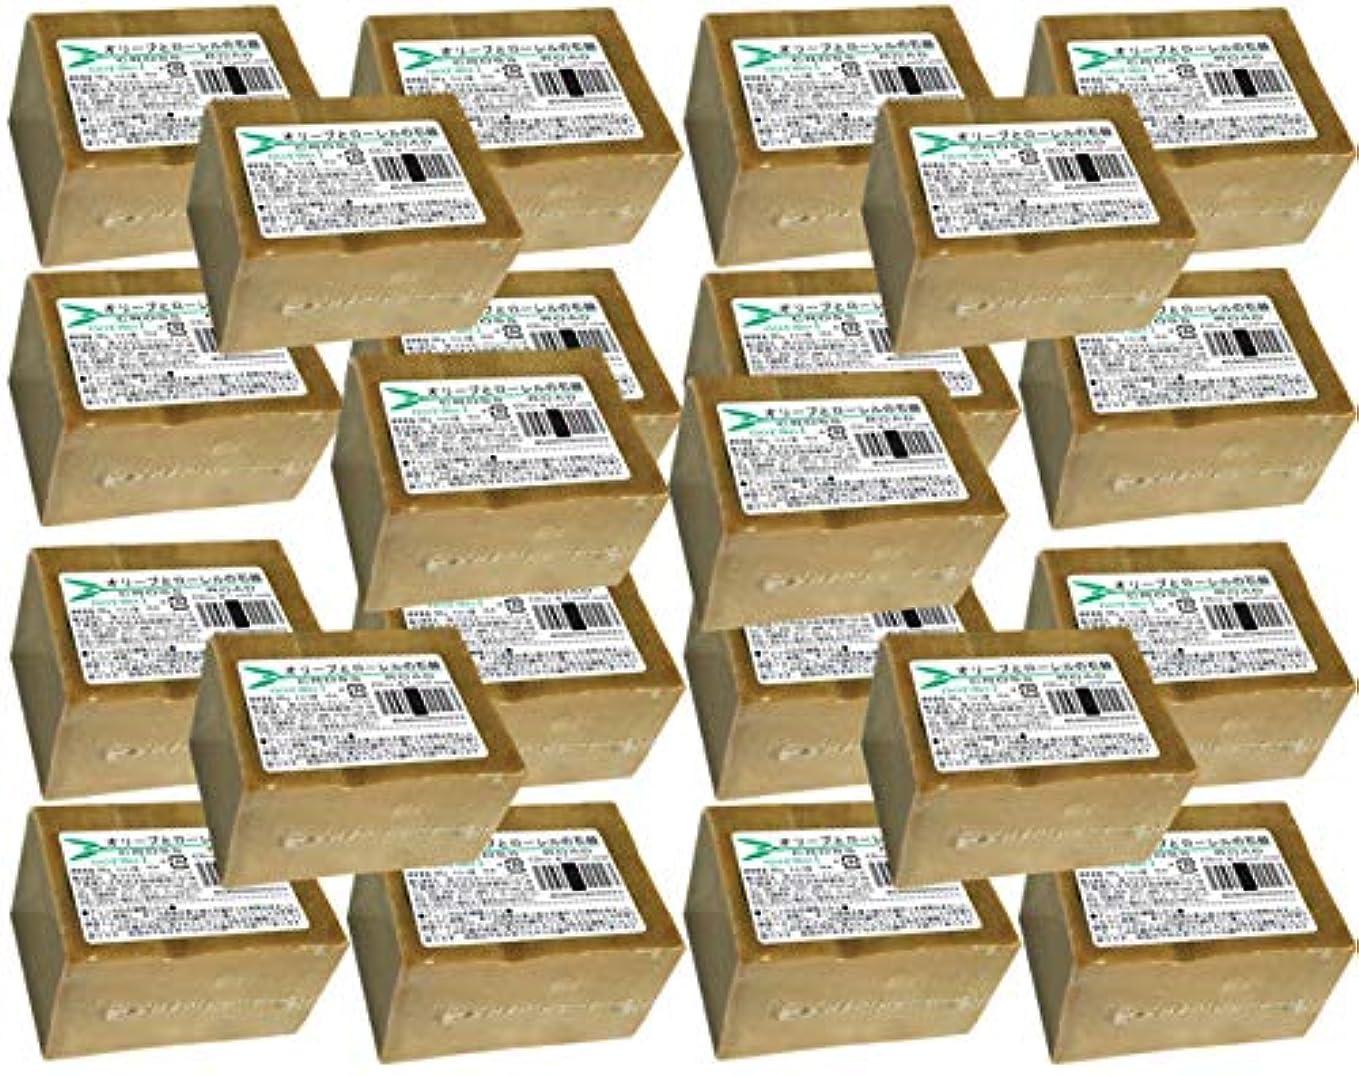 休憩する内なるレンジオリーブとローレルの石鹸(ノーマル)22個セット[並行輸入品]